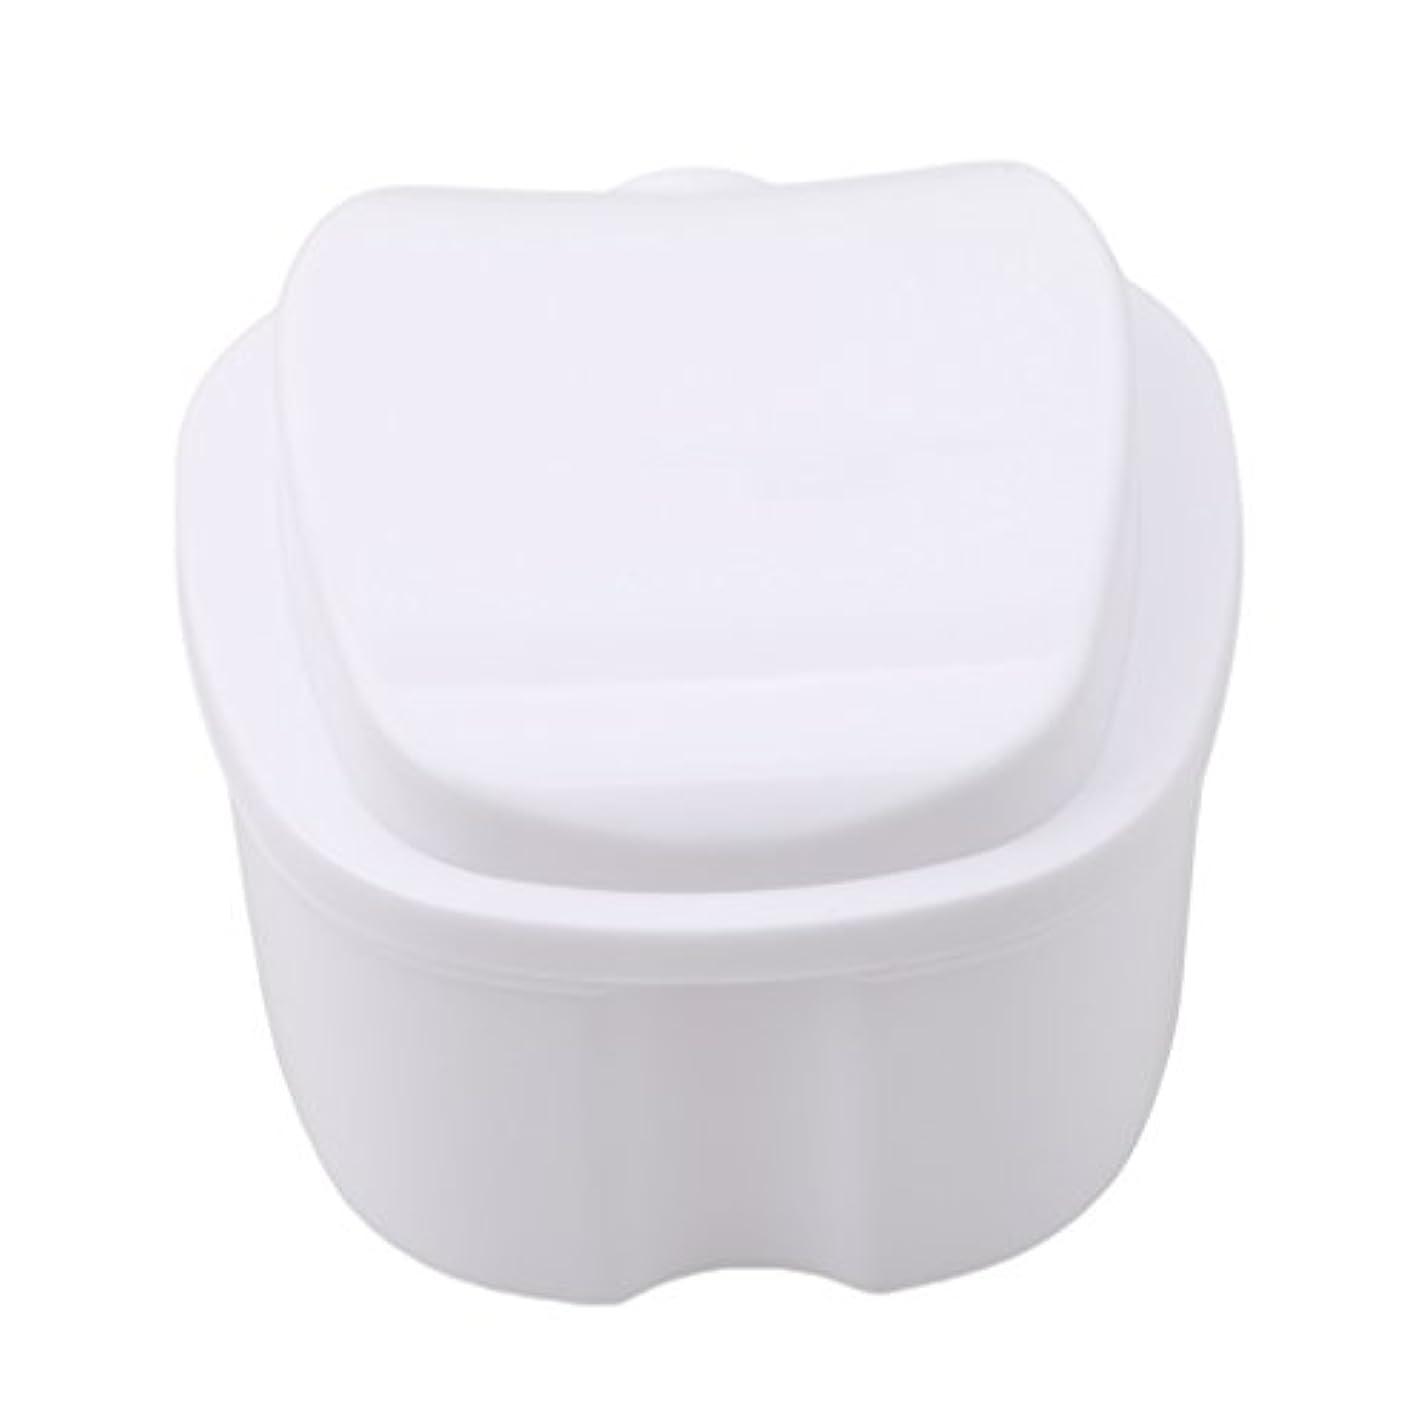 ラインナップ療法松Honel 収納ボックス 義歯収納用 リテーナーケース りんご柄 ホワイト